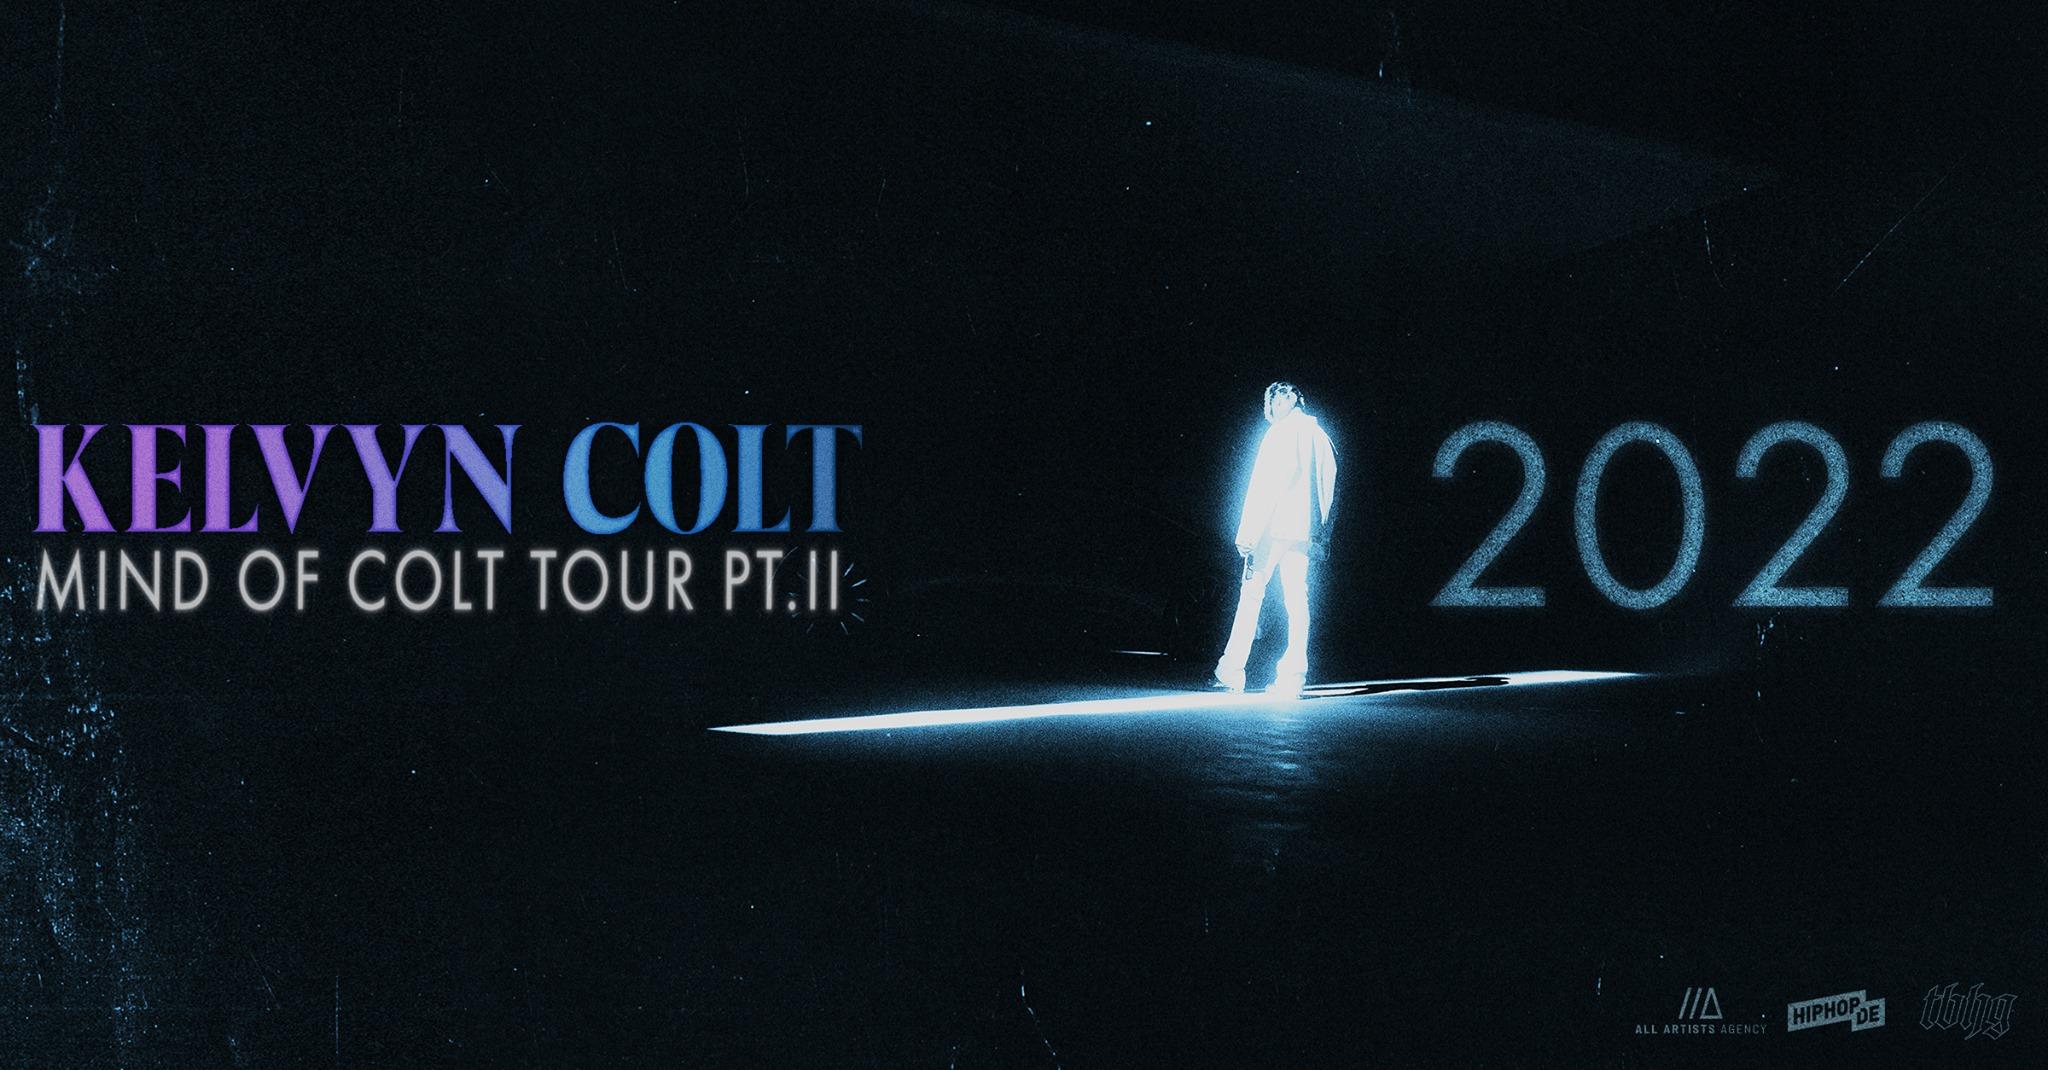 Events Wien: Kelvyn Colt /// Mind Of Colt, Pt. II /// Wien